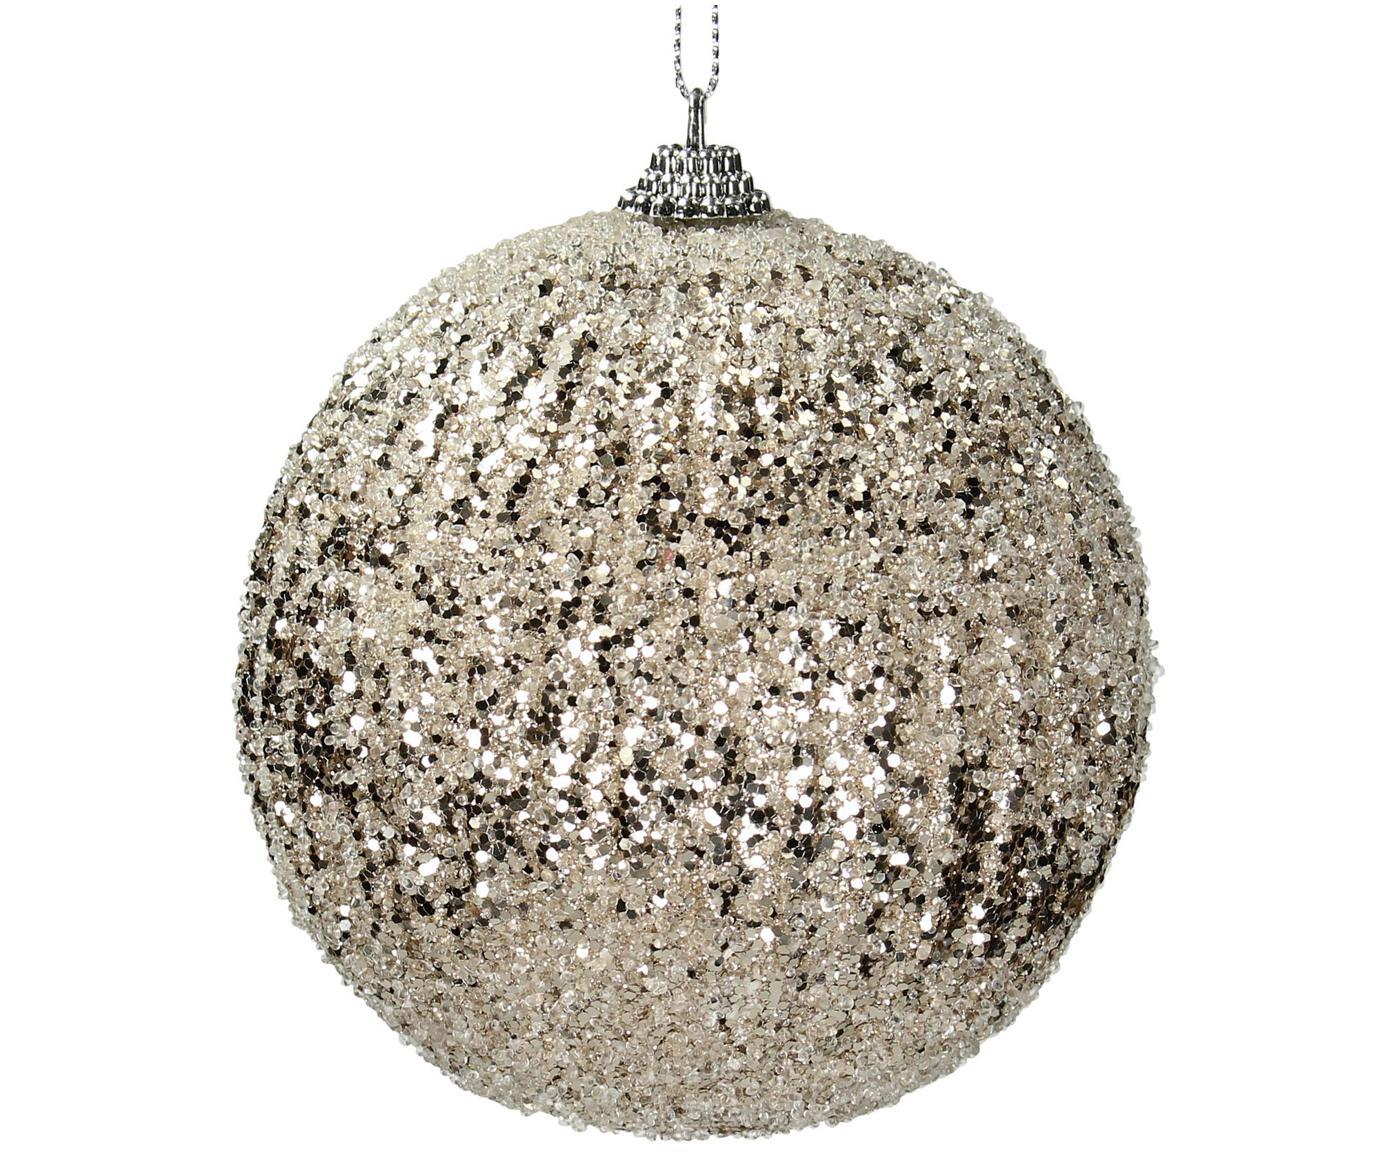 Palla di Natale Dazzle, 2 pz., Materiale sintetico, lucido, Champagne, Ø 10 cm